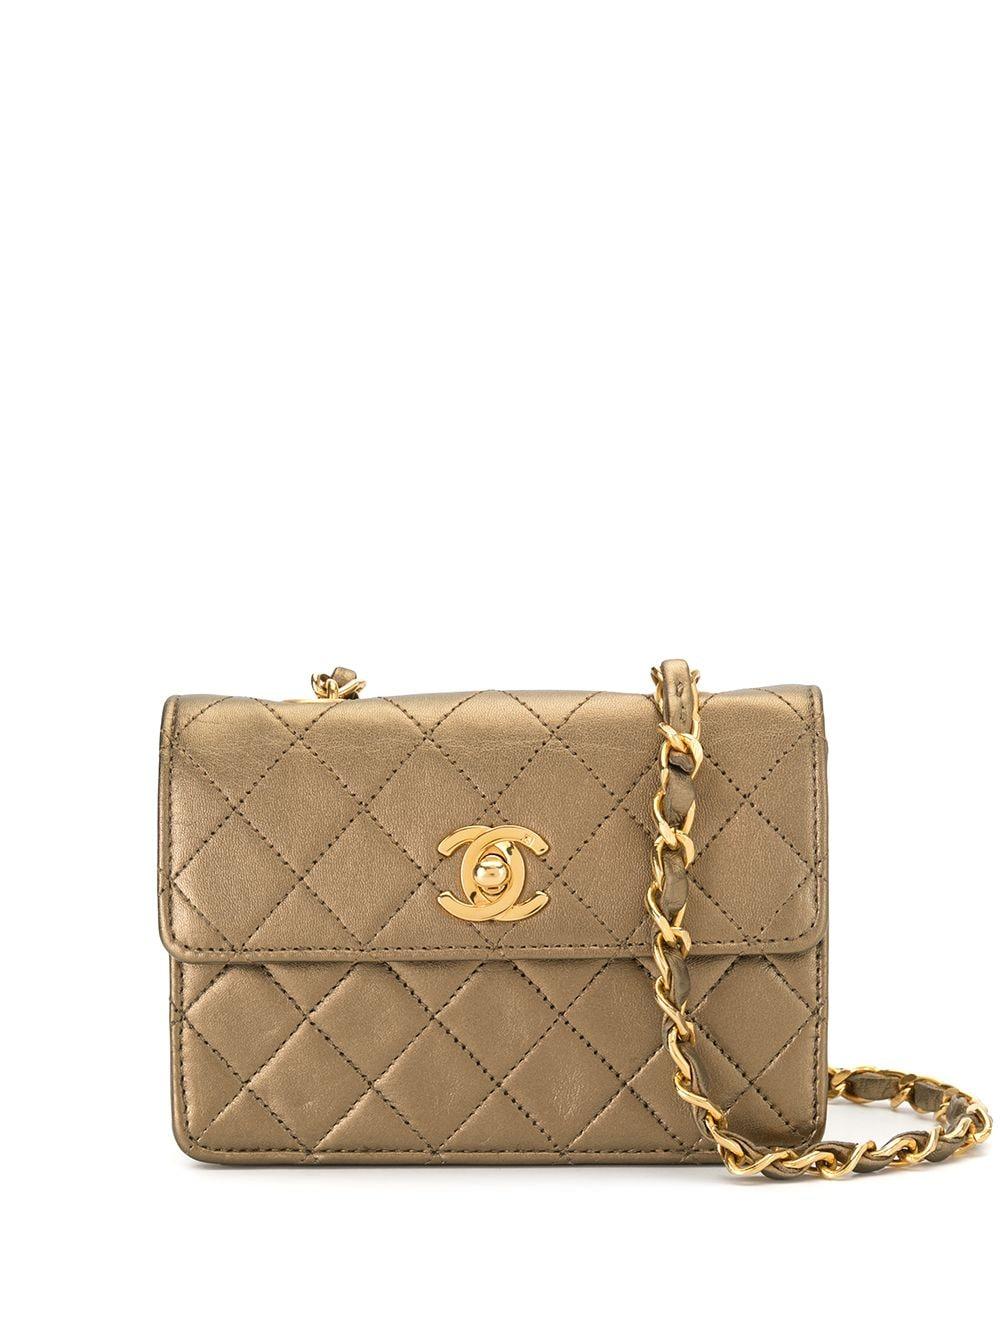 Chanel Pre-Owned 1990s Mini Umhängetasche mit Rauten-Steppung - Gold